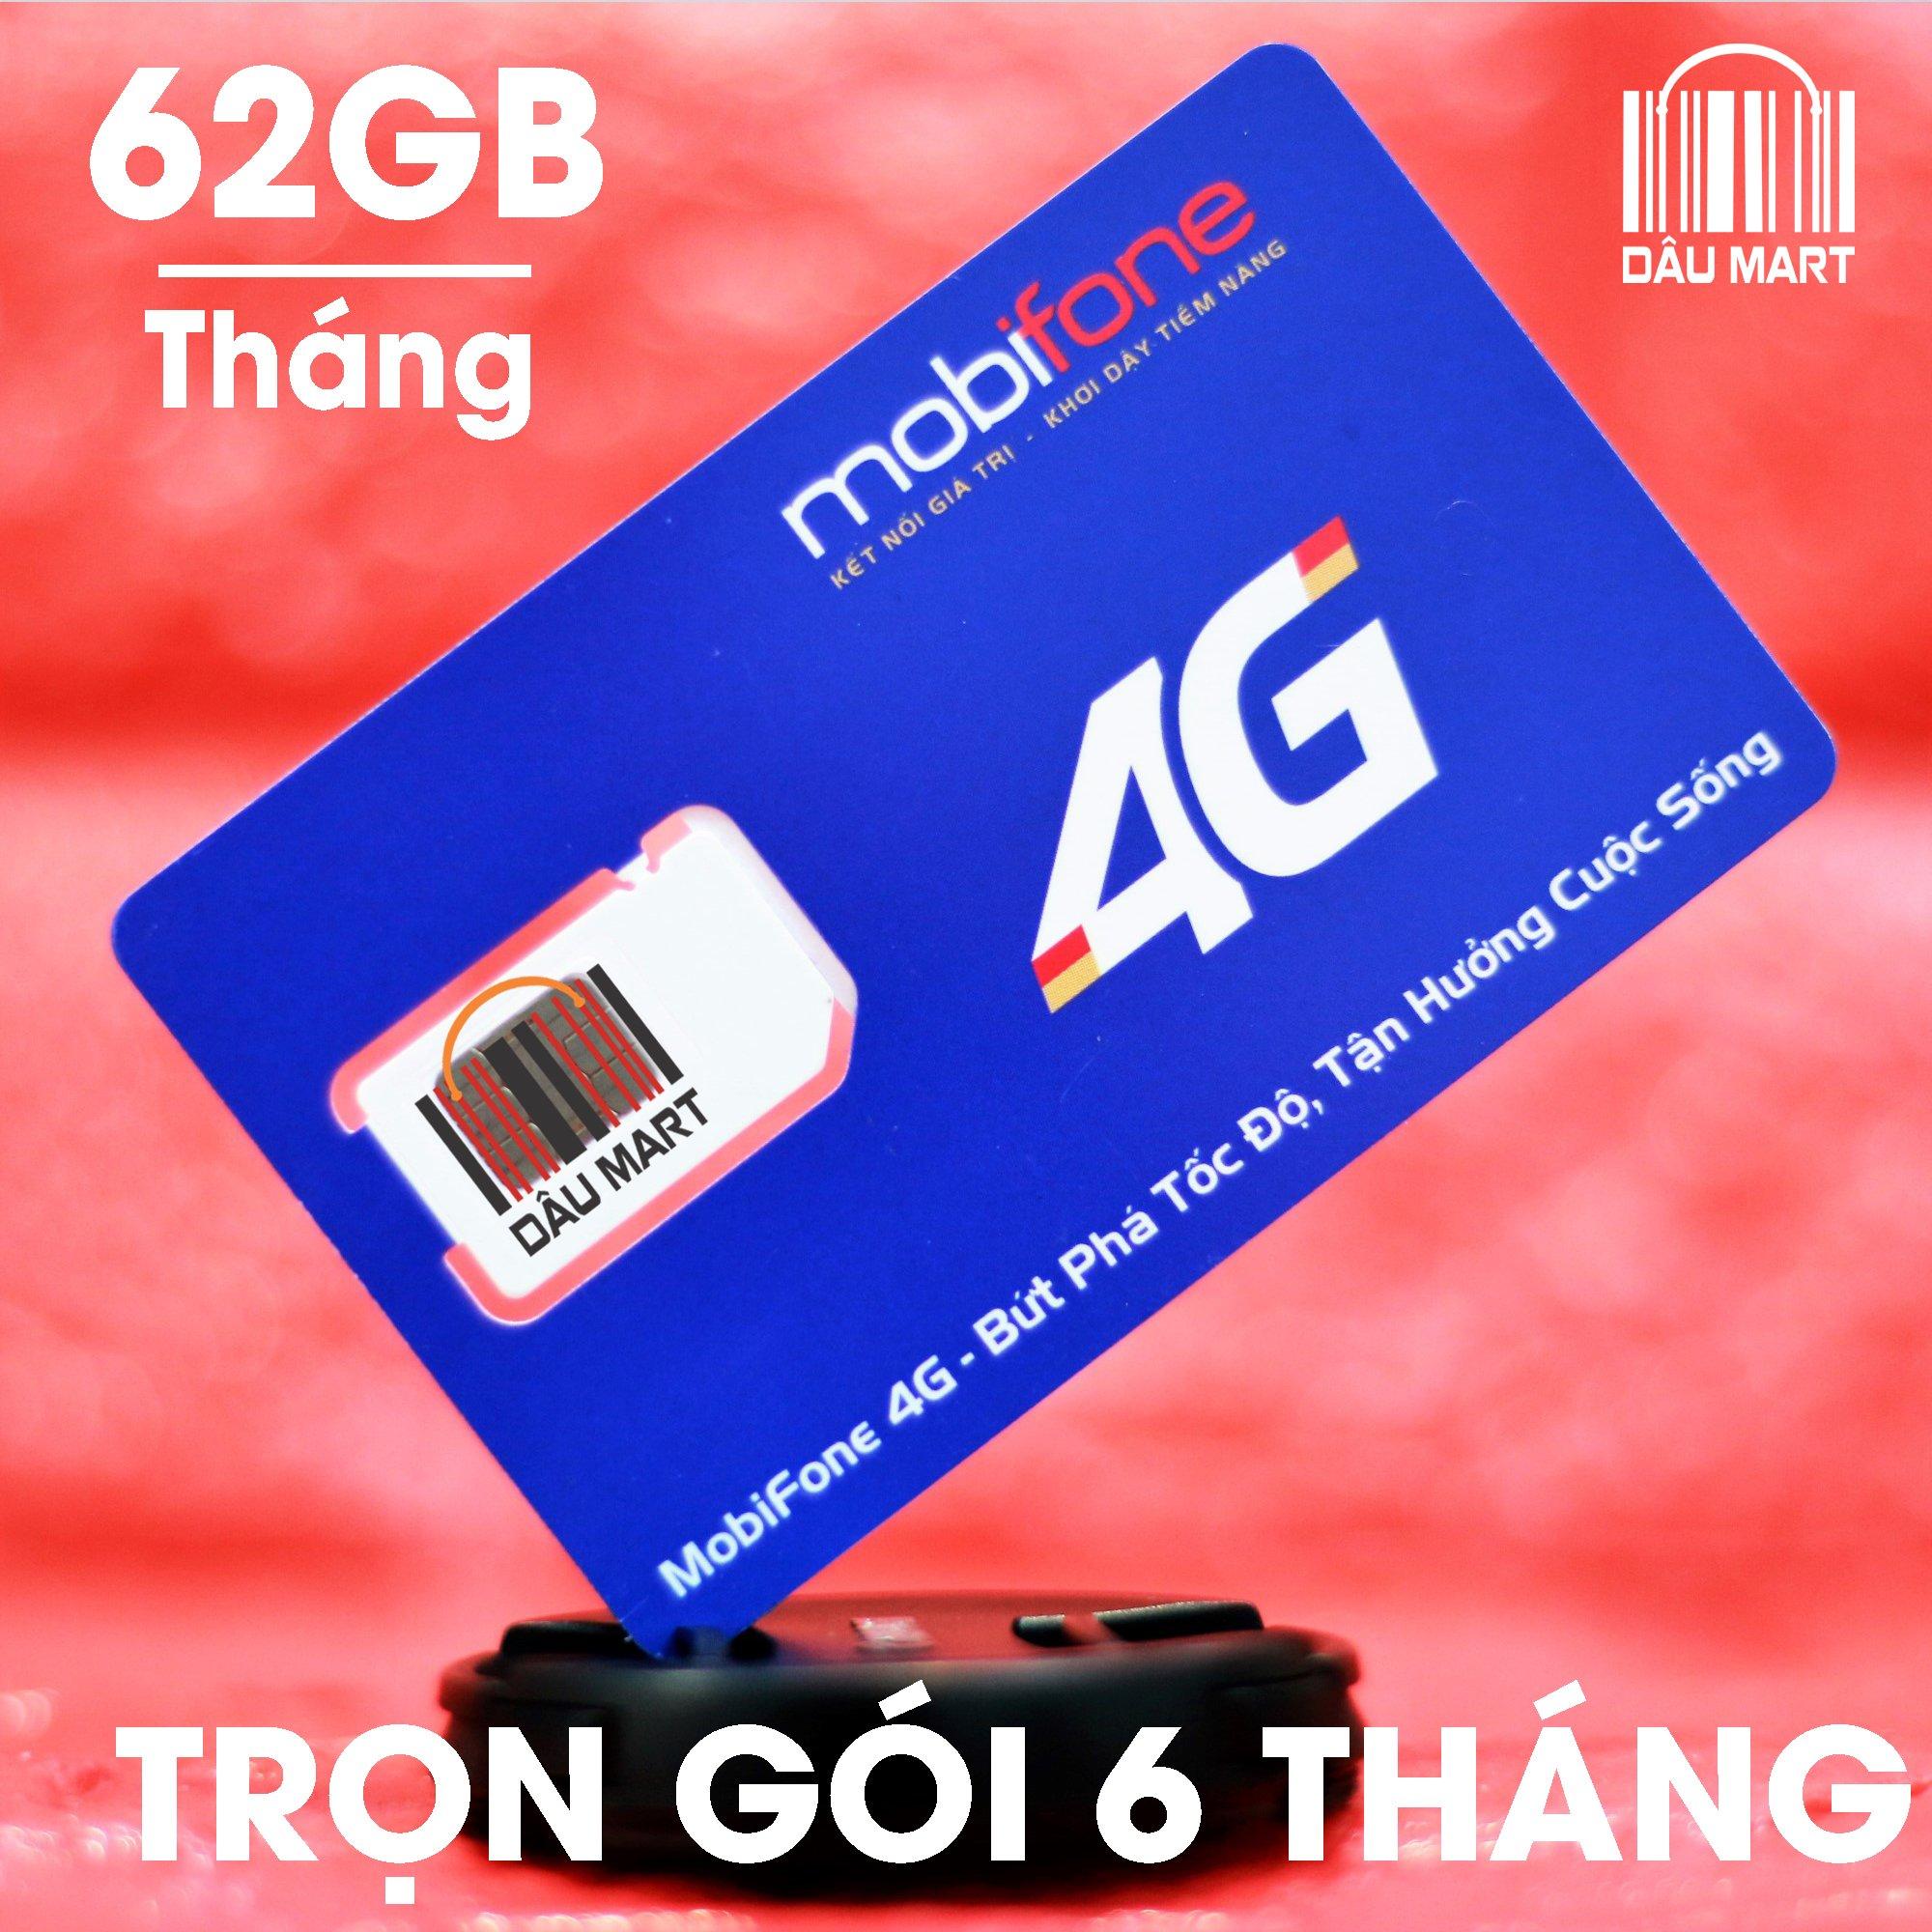 SIM 3G 4G Mobifone MDT120A Tặng 62GB/Tháng Trọn Gói 6 Tháng – SIÊU THỊ 3G